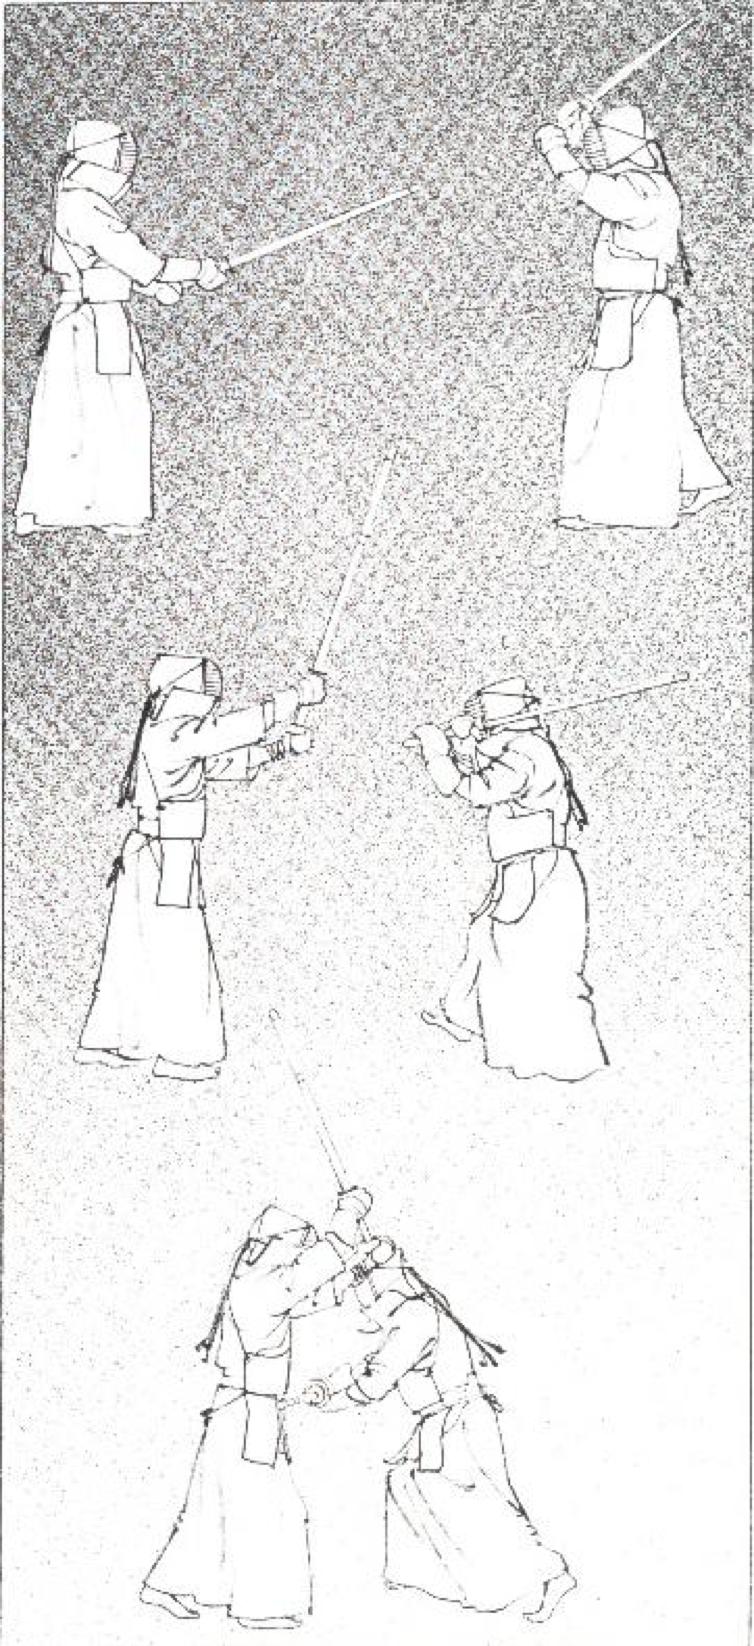 Рис.14. Когда оппонент проводит мэн наклонитесь вправо, чтобы избежать удара и контратакуйте ударом до.